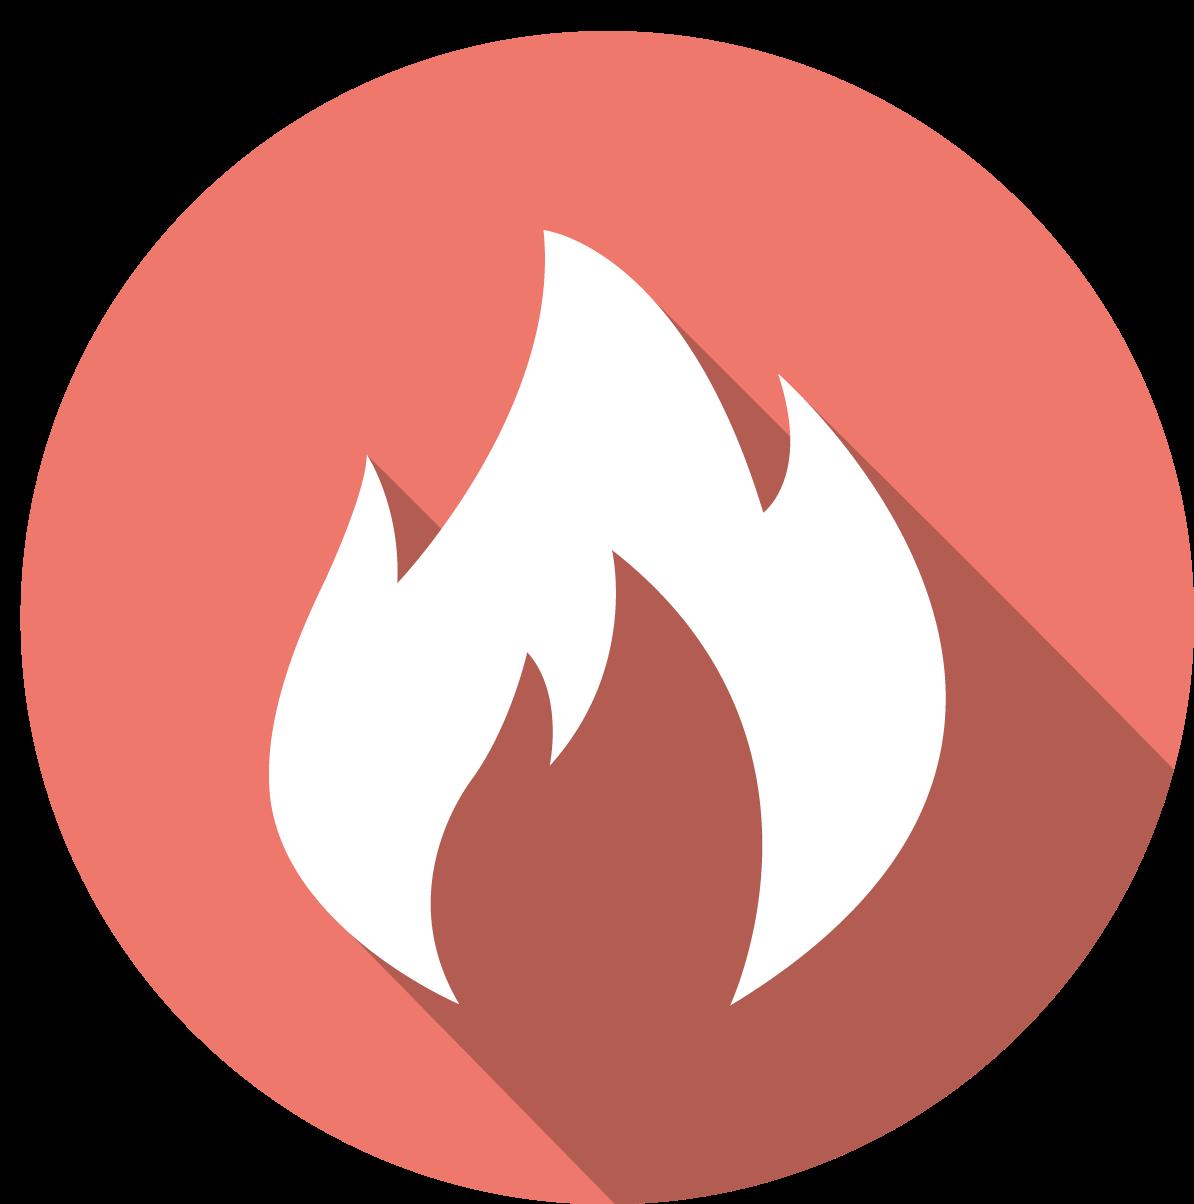 Icono de instalación de gas